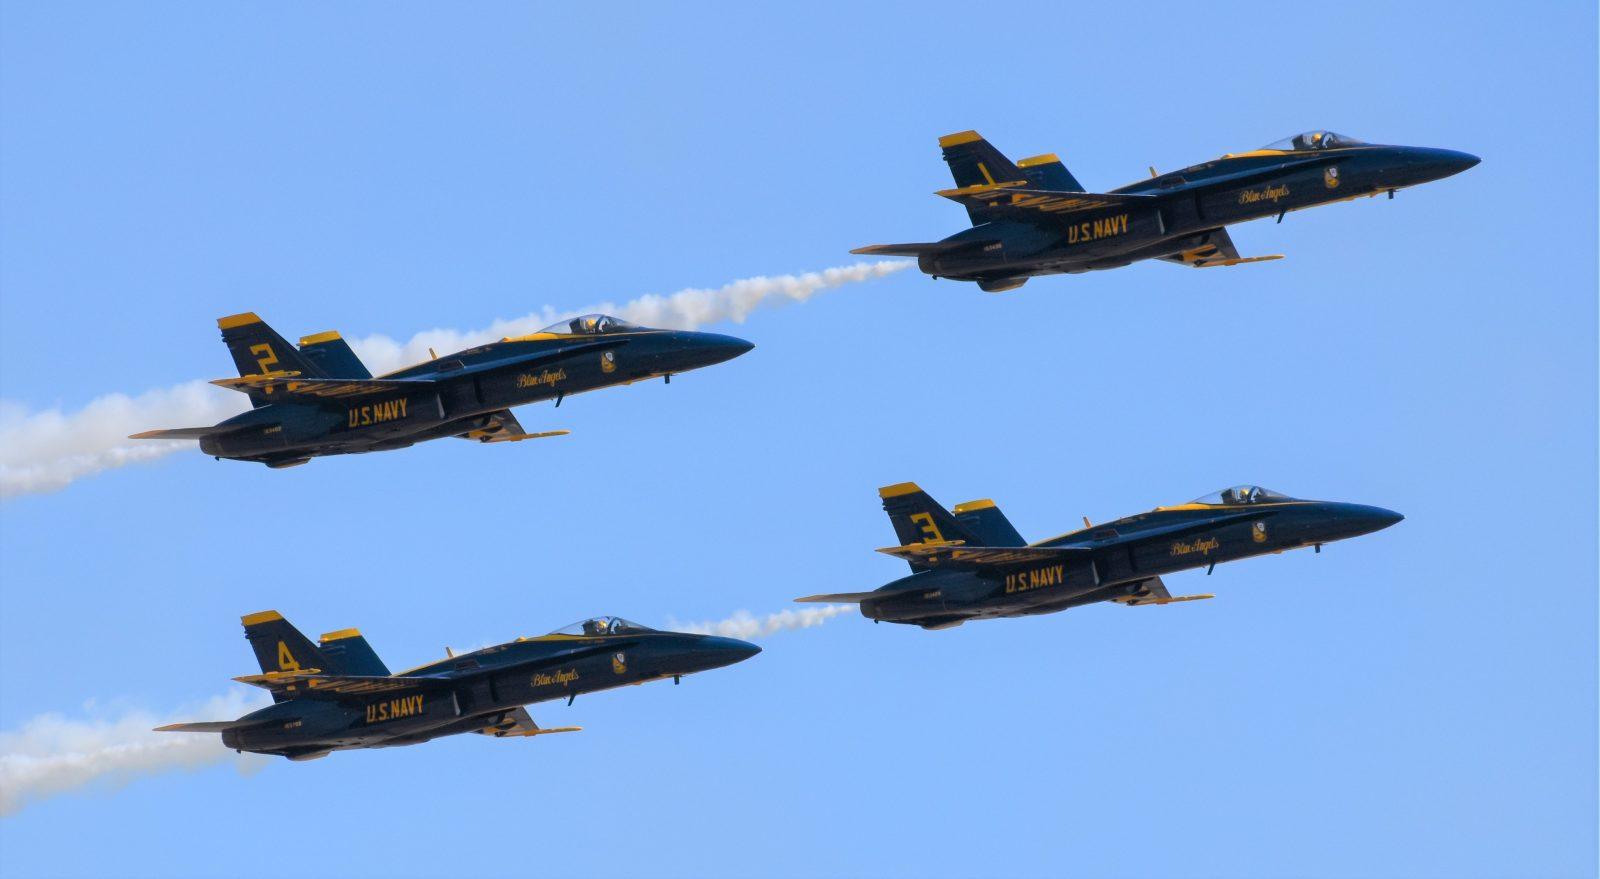 F18 Hornets